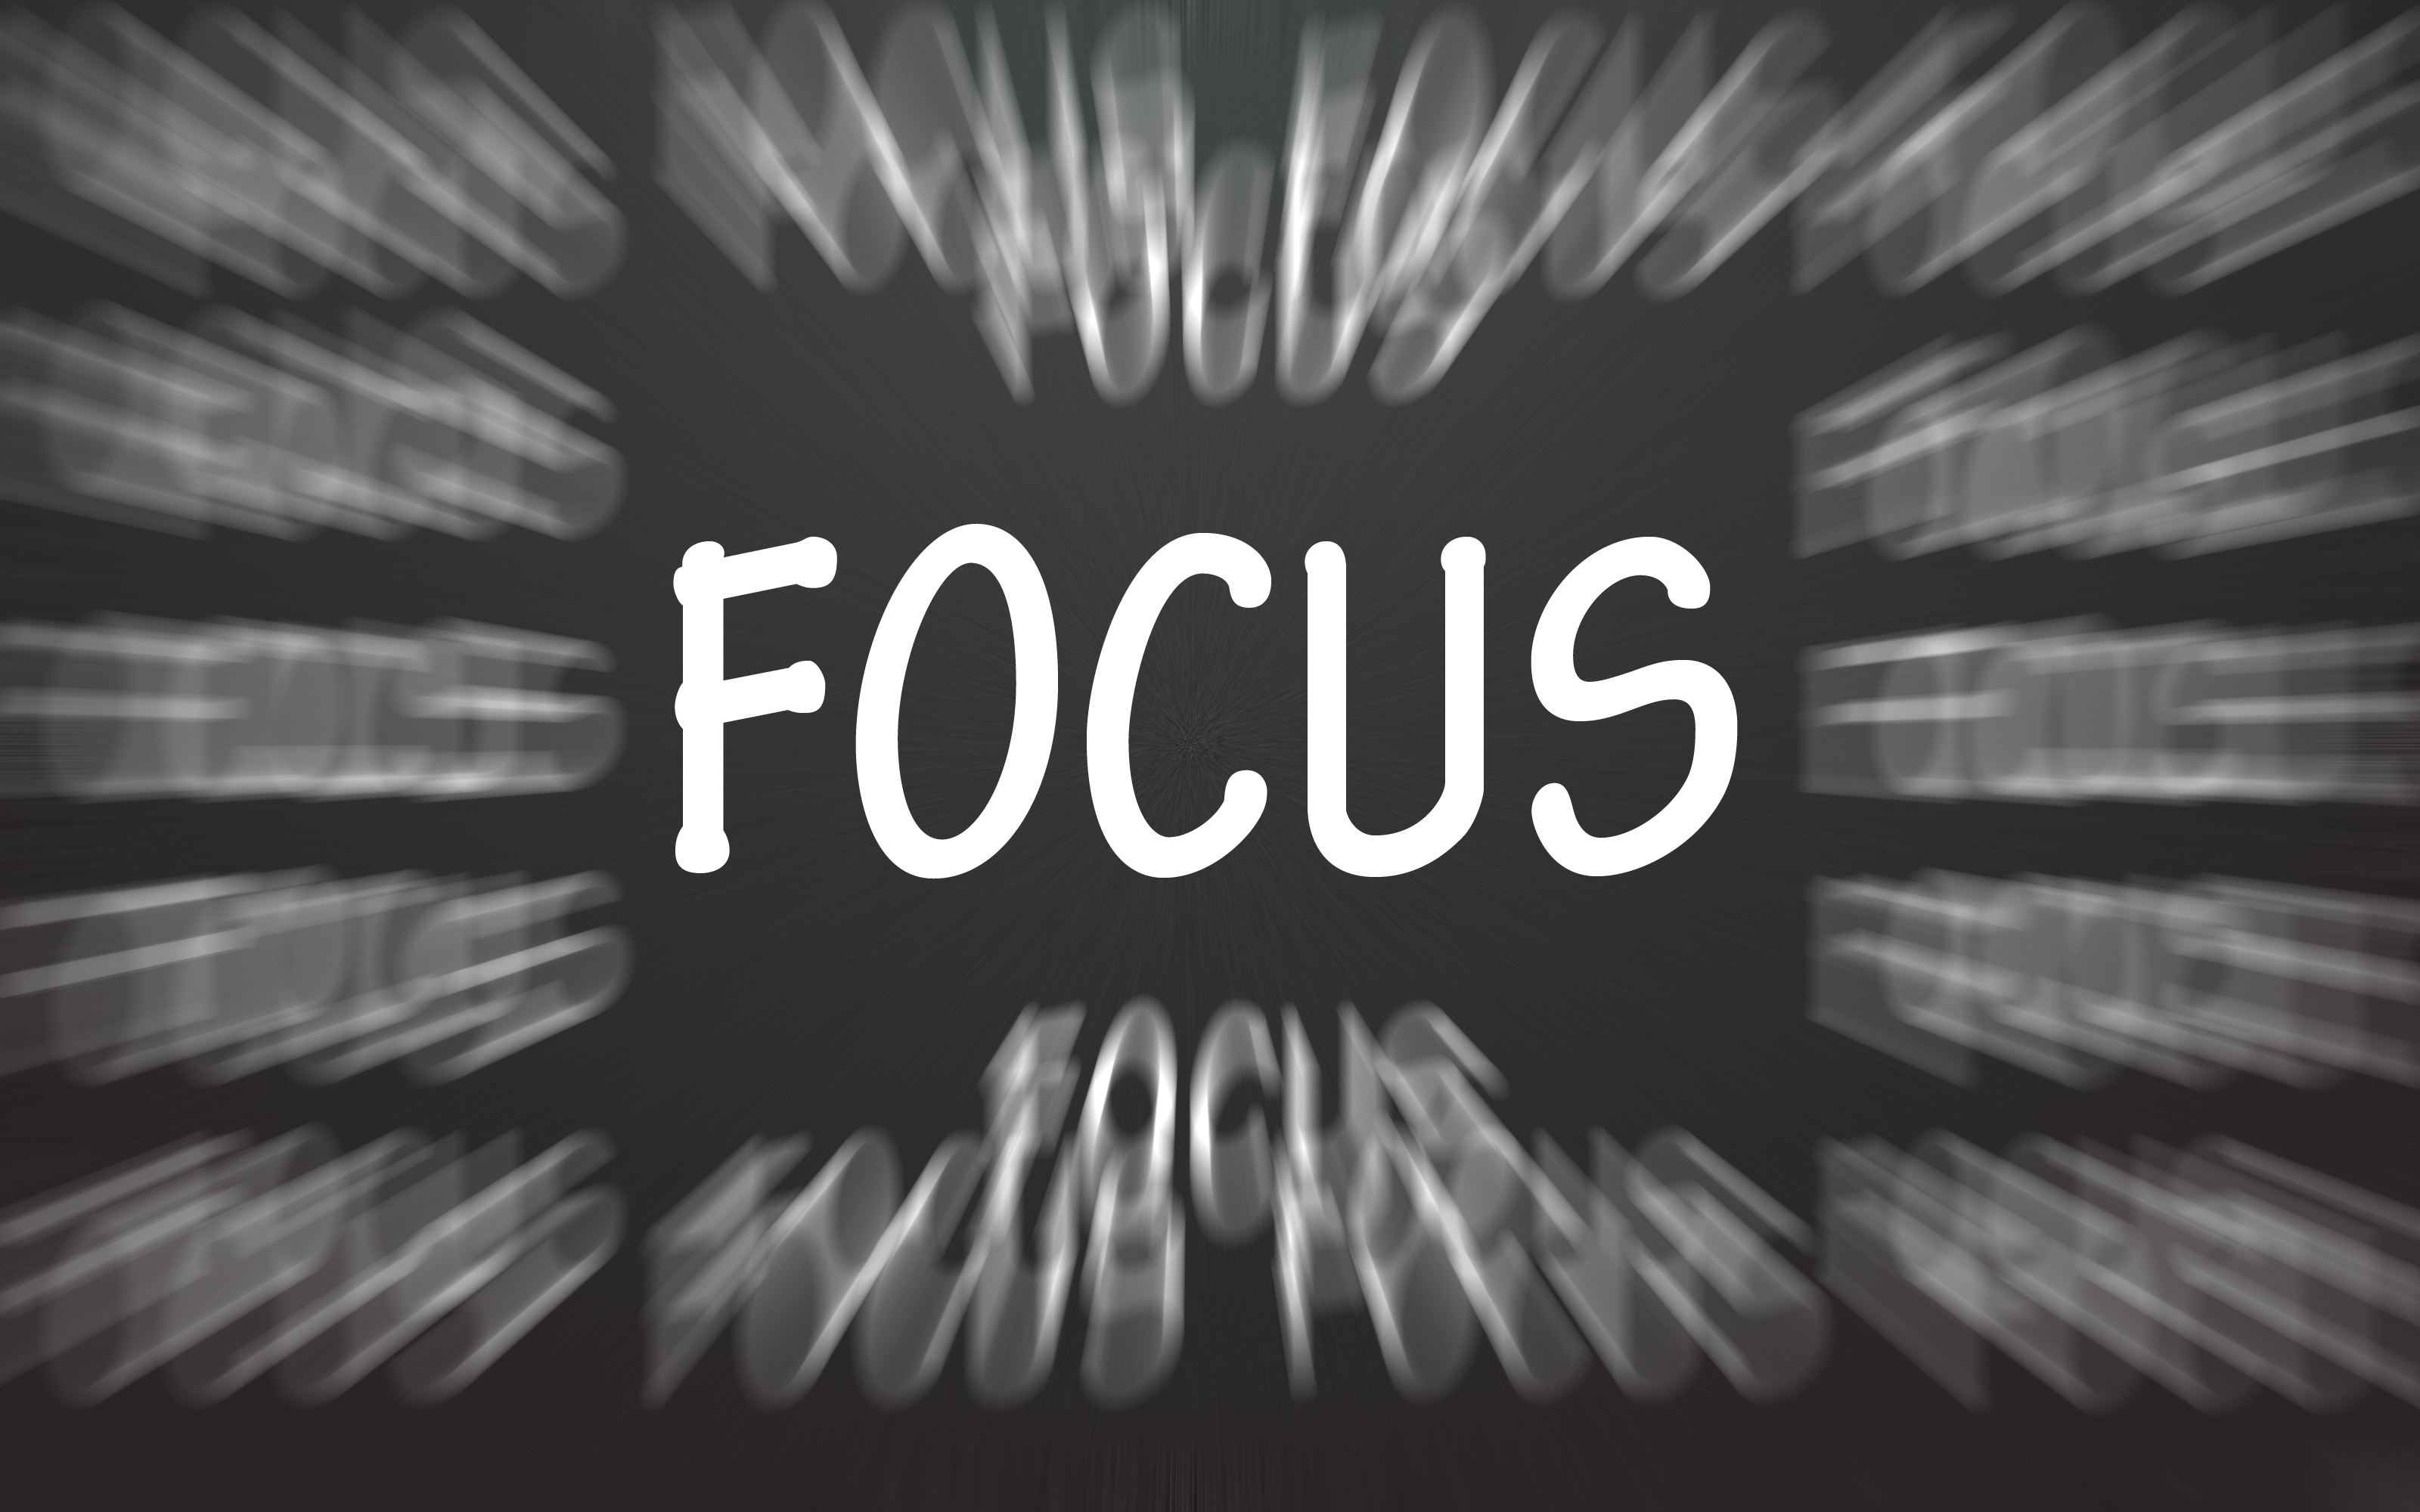 focus - photo #15